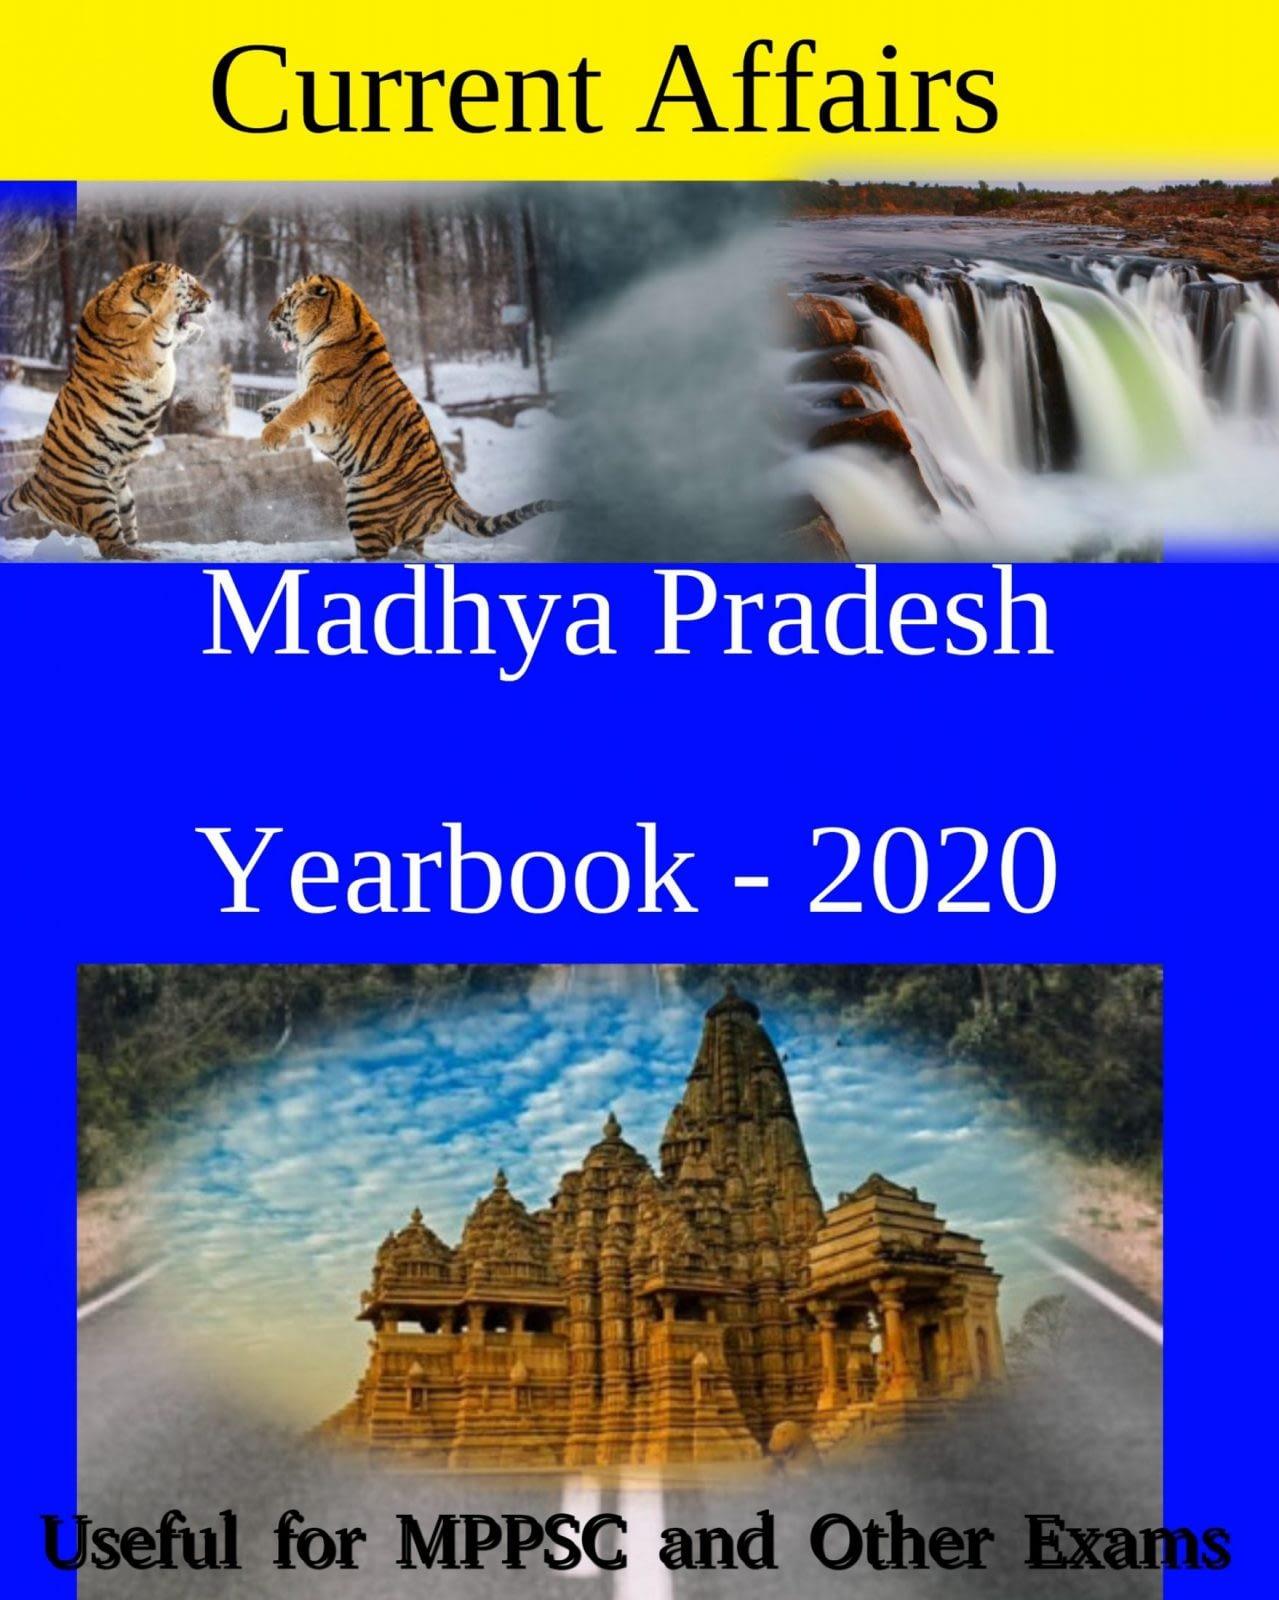 MPPSC Madhya Pradesh Current Affairs Yearbook 2020